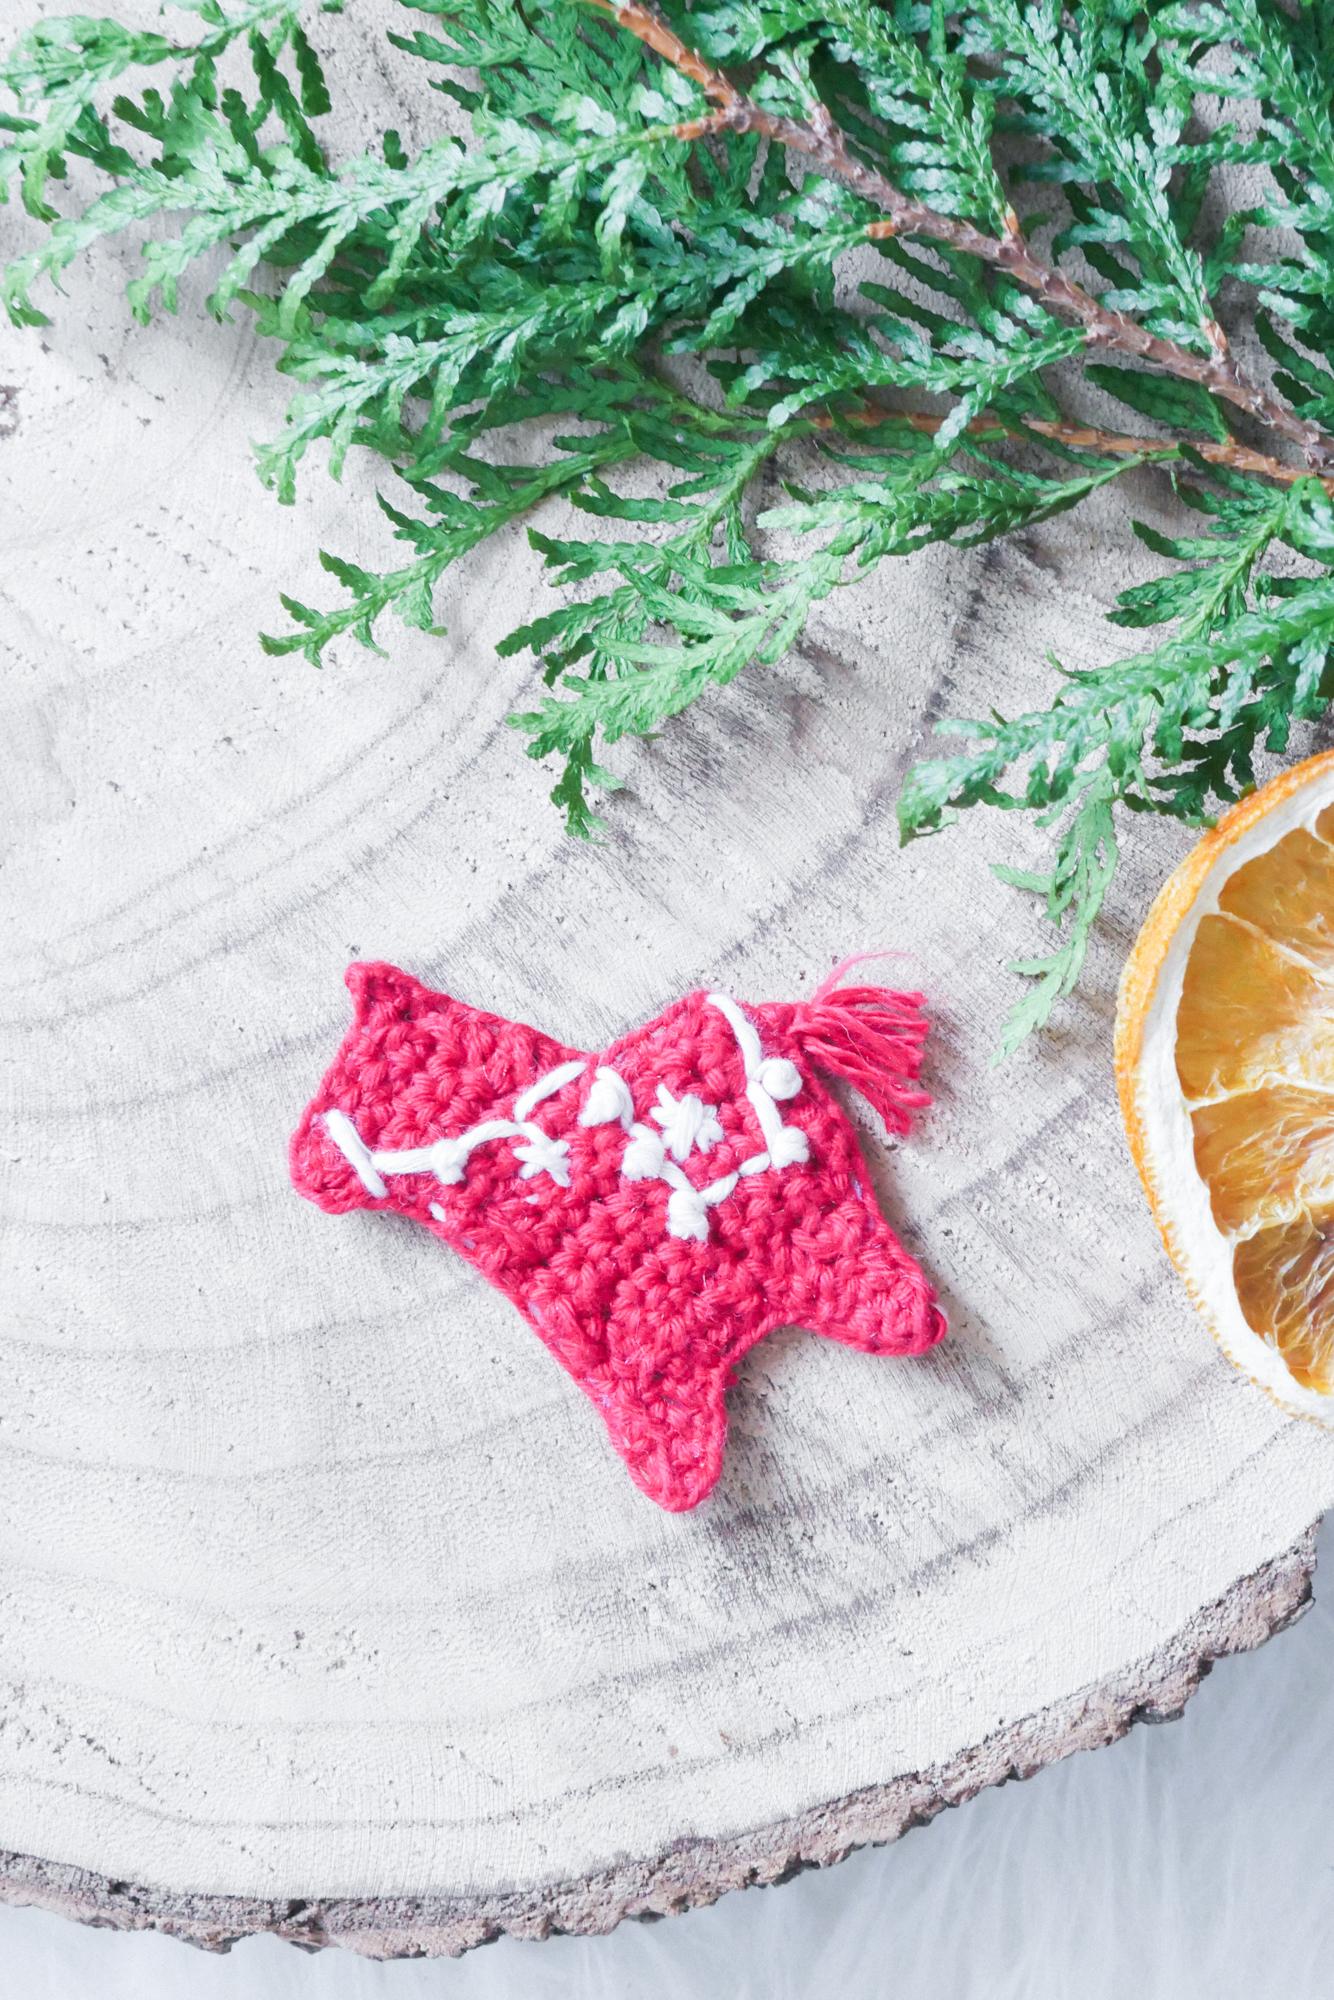 DalaPferd- skandinavisches Weihnachtssymbol häkeln als Aufnäher oder Applikation